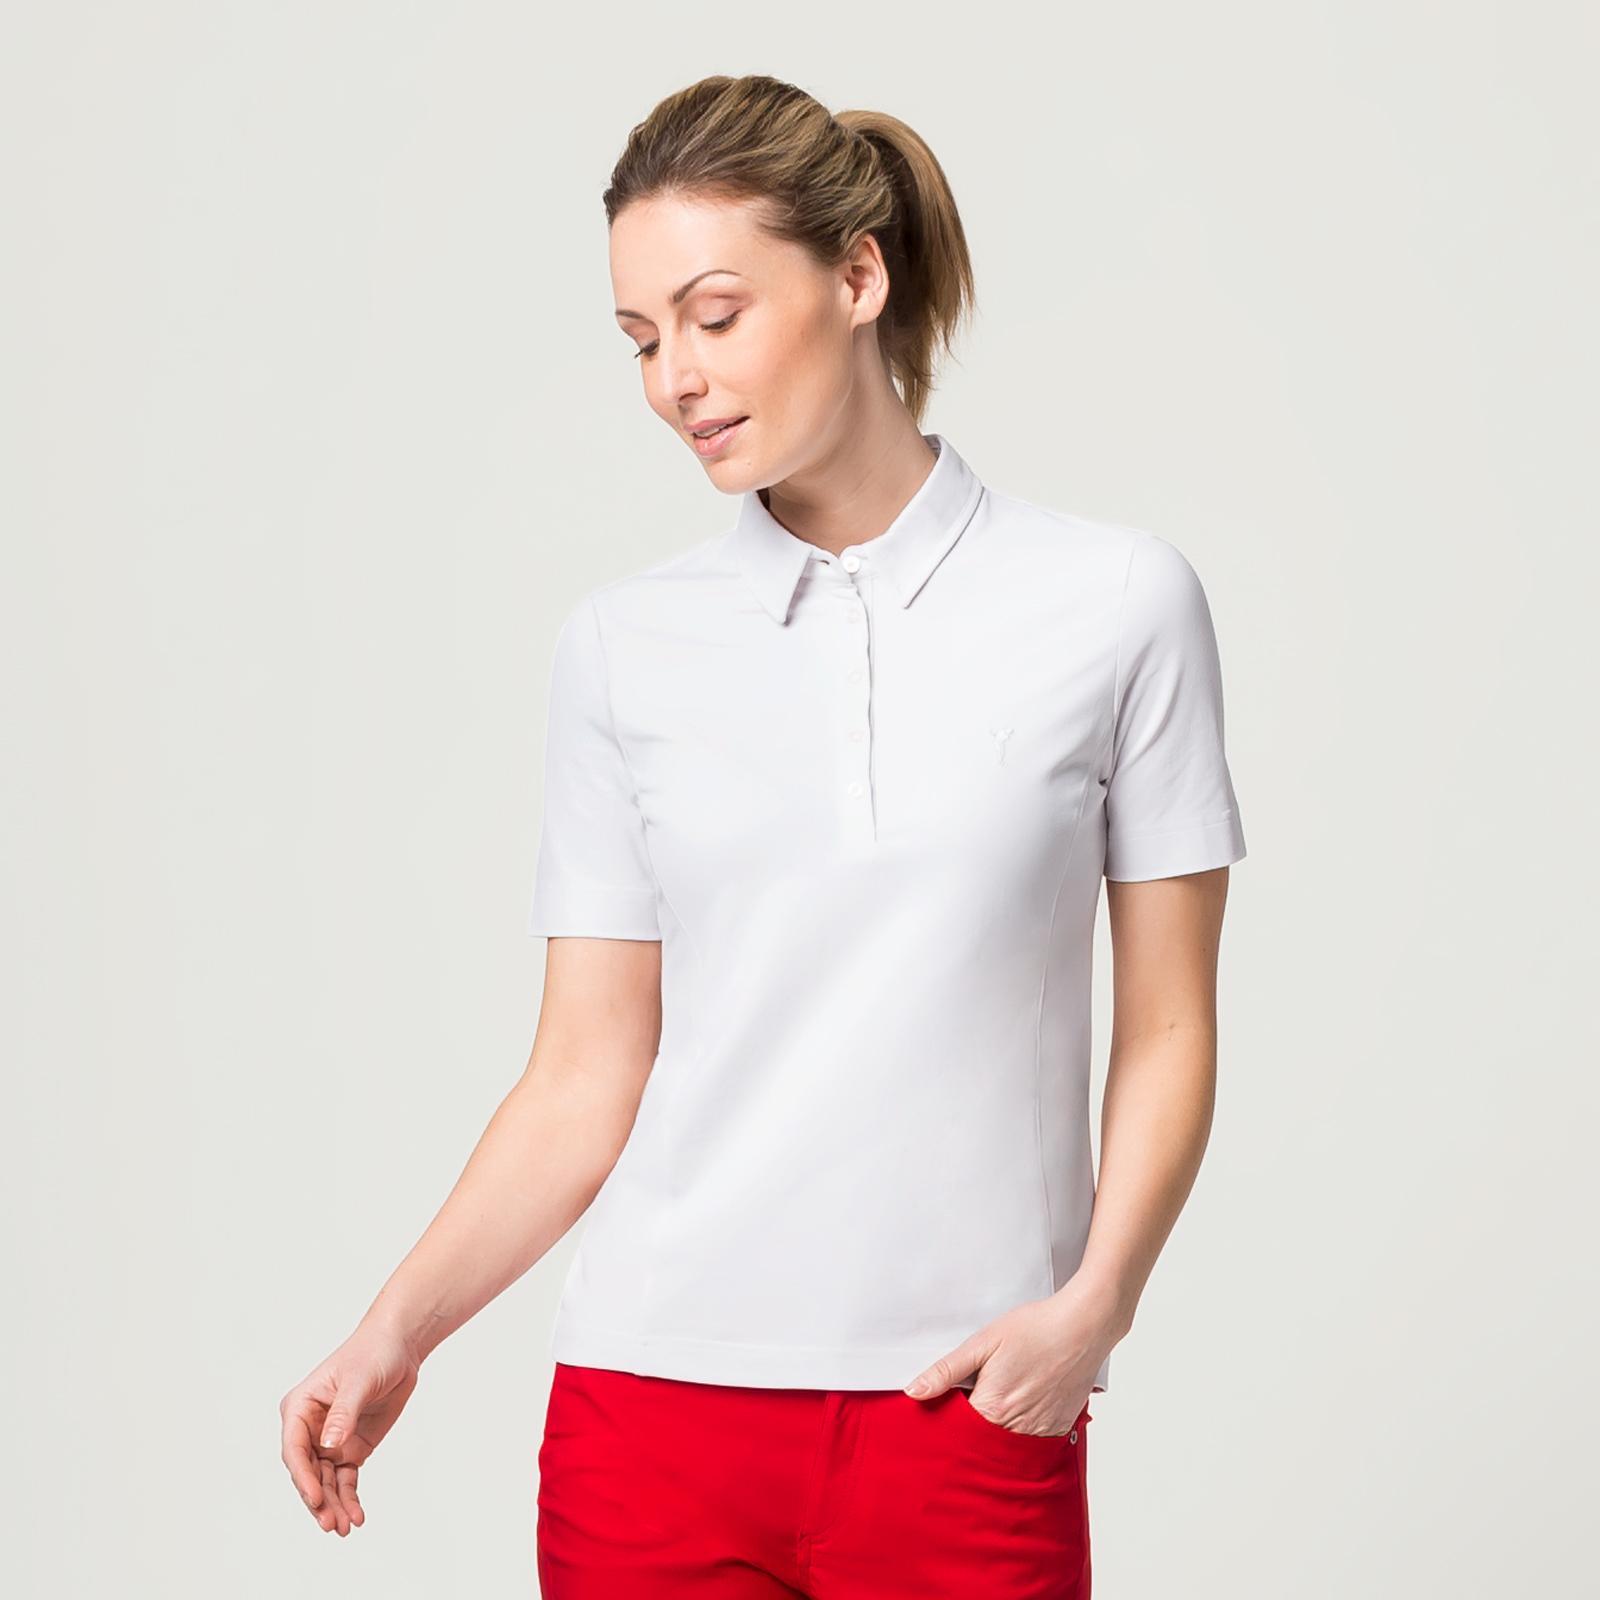 Damen Kurzarm Polo mit Sonnenschutz und Stretchfunktion aus Baumwoll-Mix